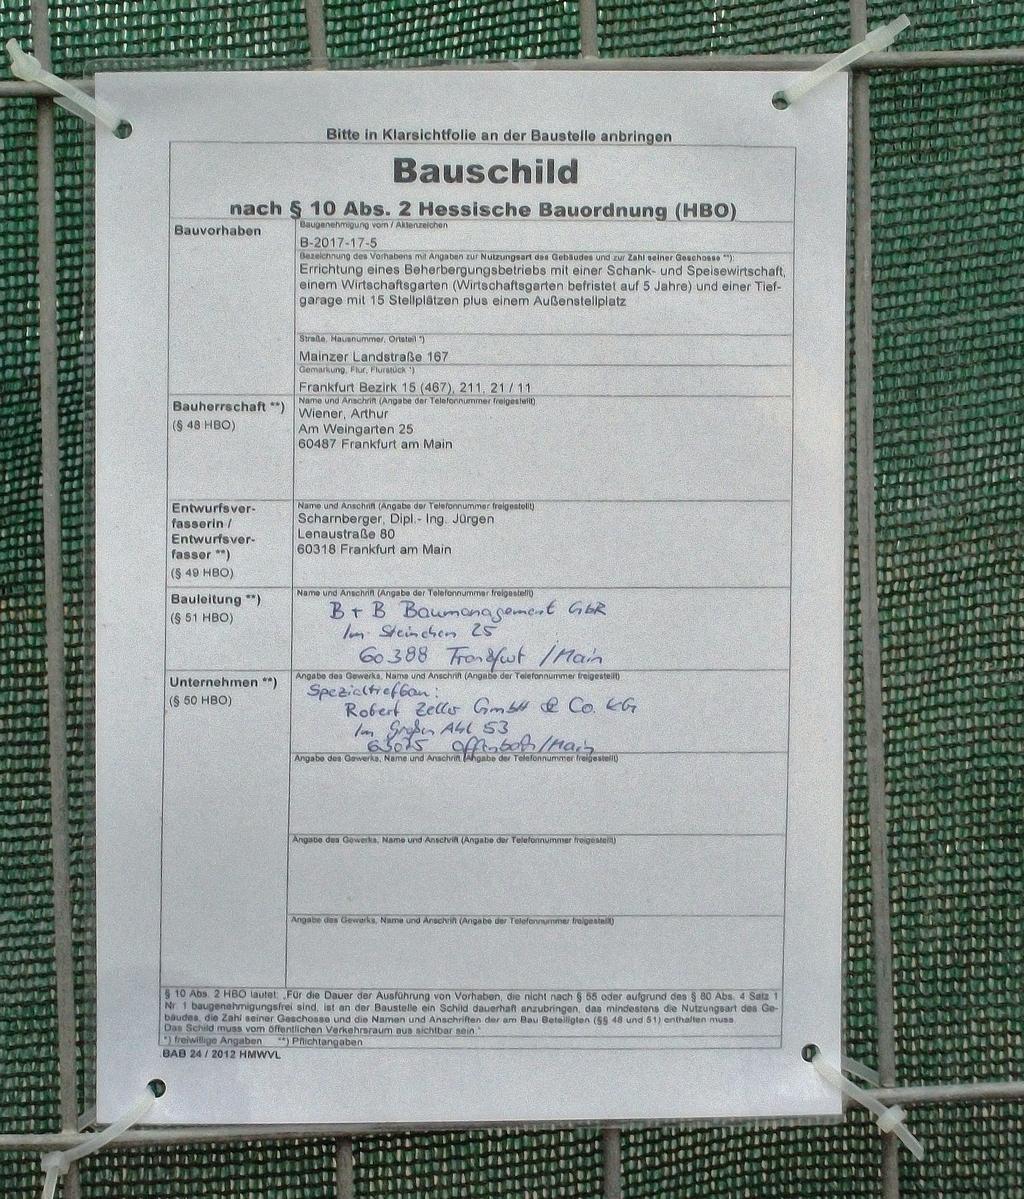 Bild: http://www.deutsches-architektur-forum.de/pics/schmittchen/3891_mainzer_lastra_167.jpg